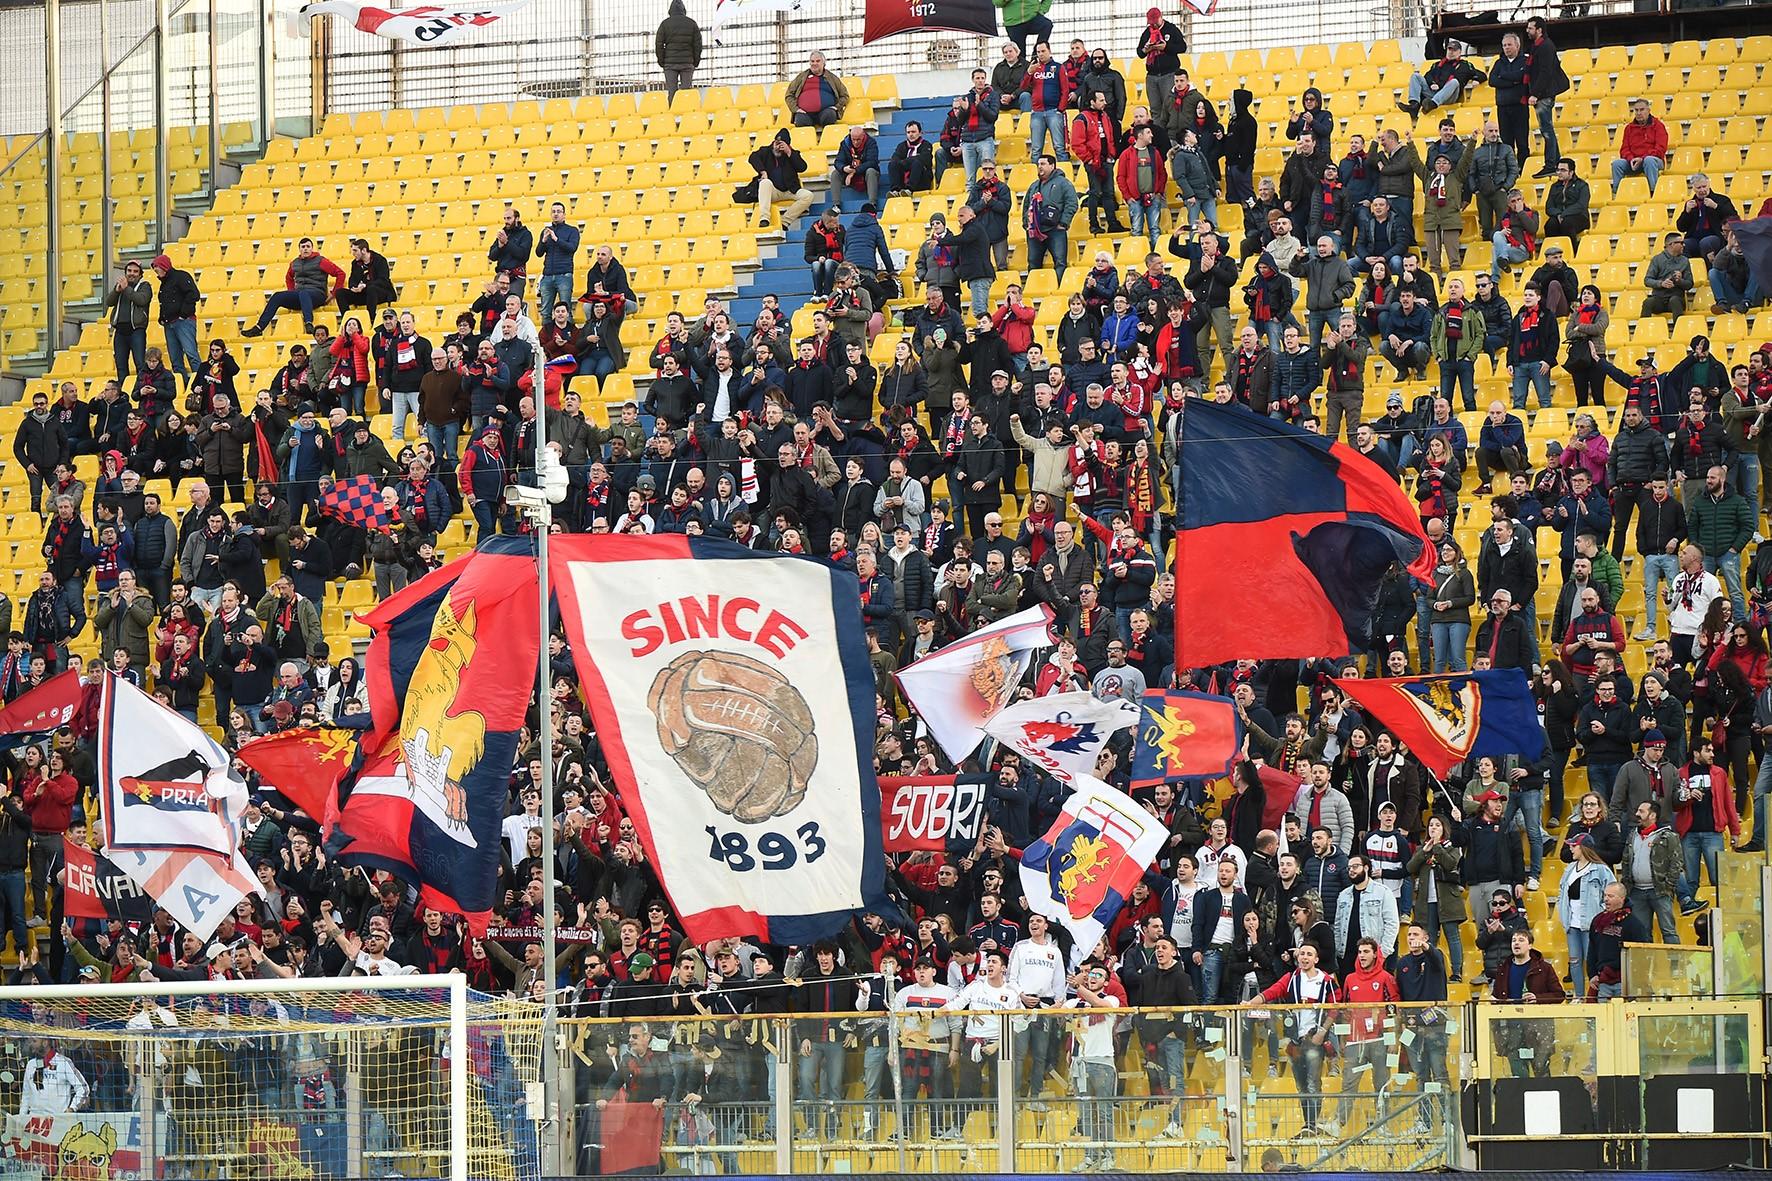 Genoa, via Andreazzoli: incontro con il favorito alla sostituzione